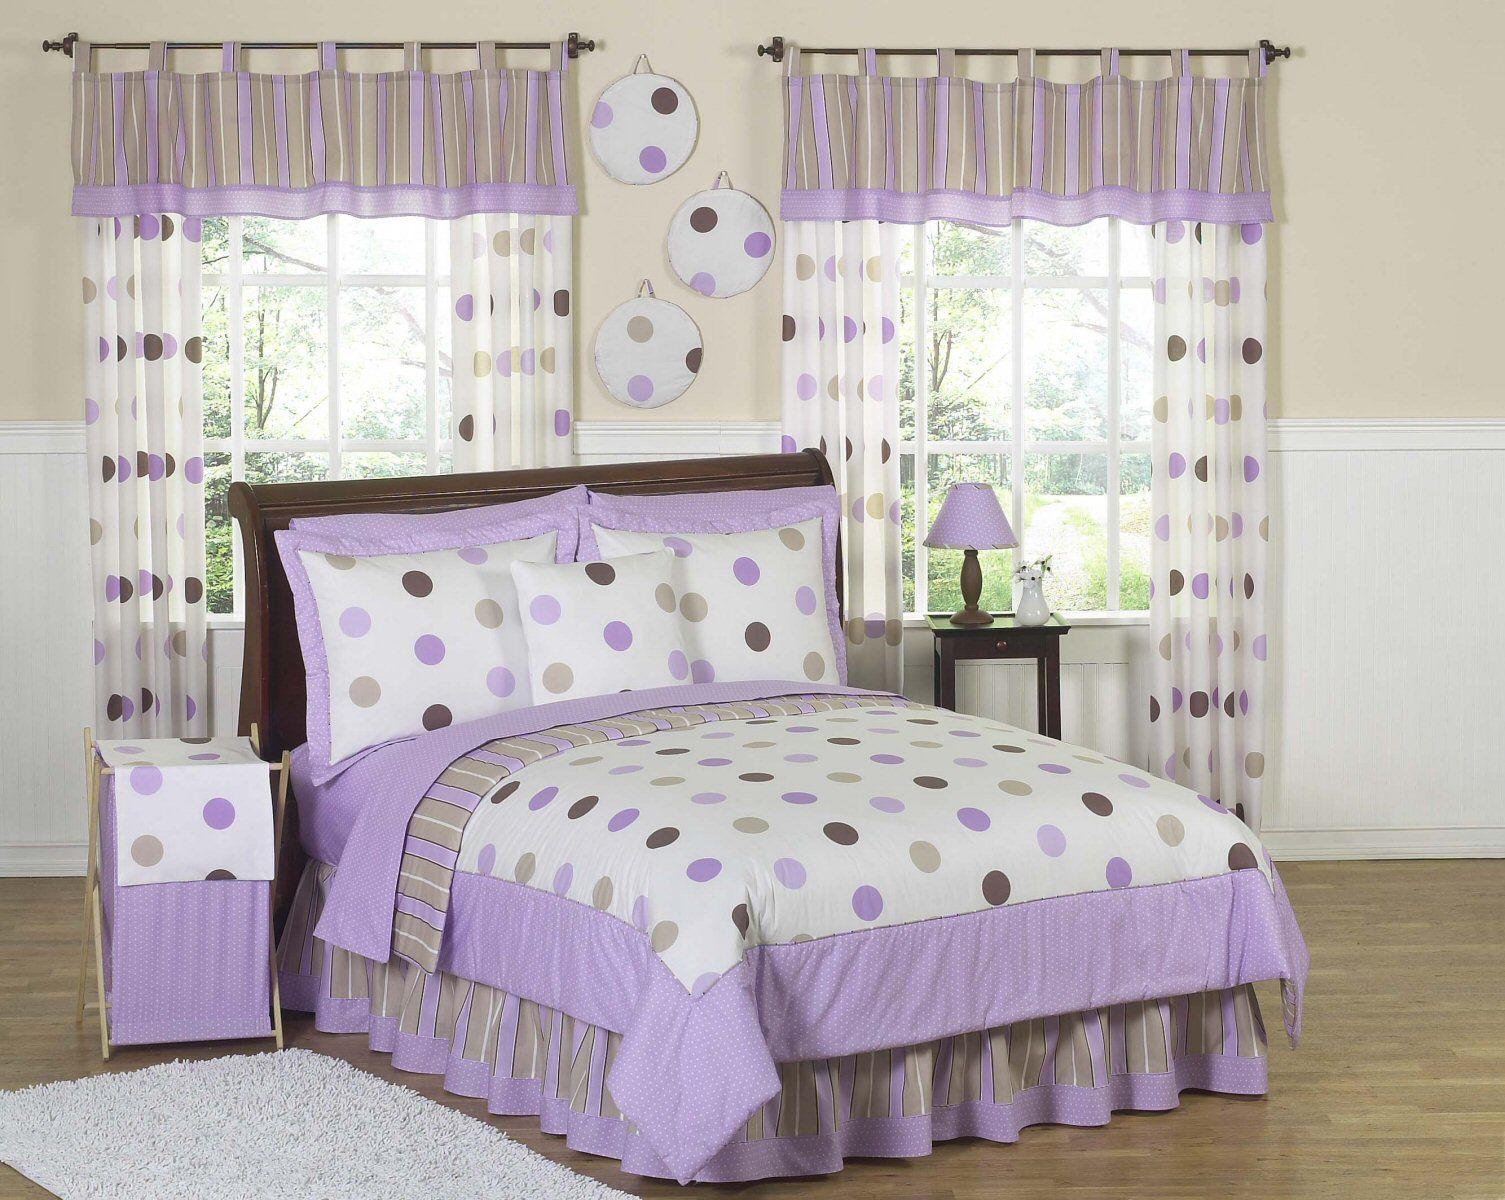 Purple U0026 Brown Polka Dot Bedding Twin Full/Queen Girls Comforter Sets Kids  Bed In